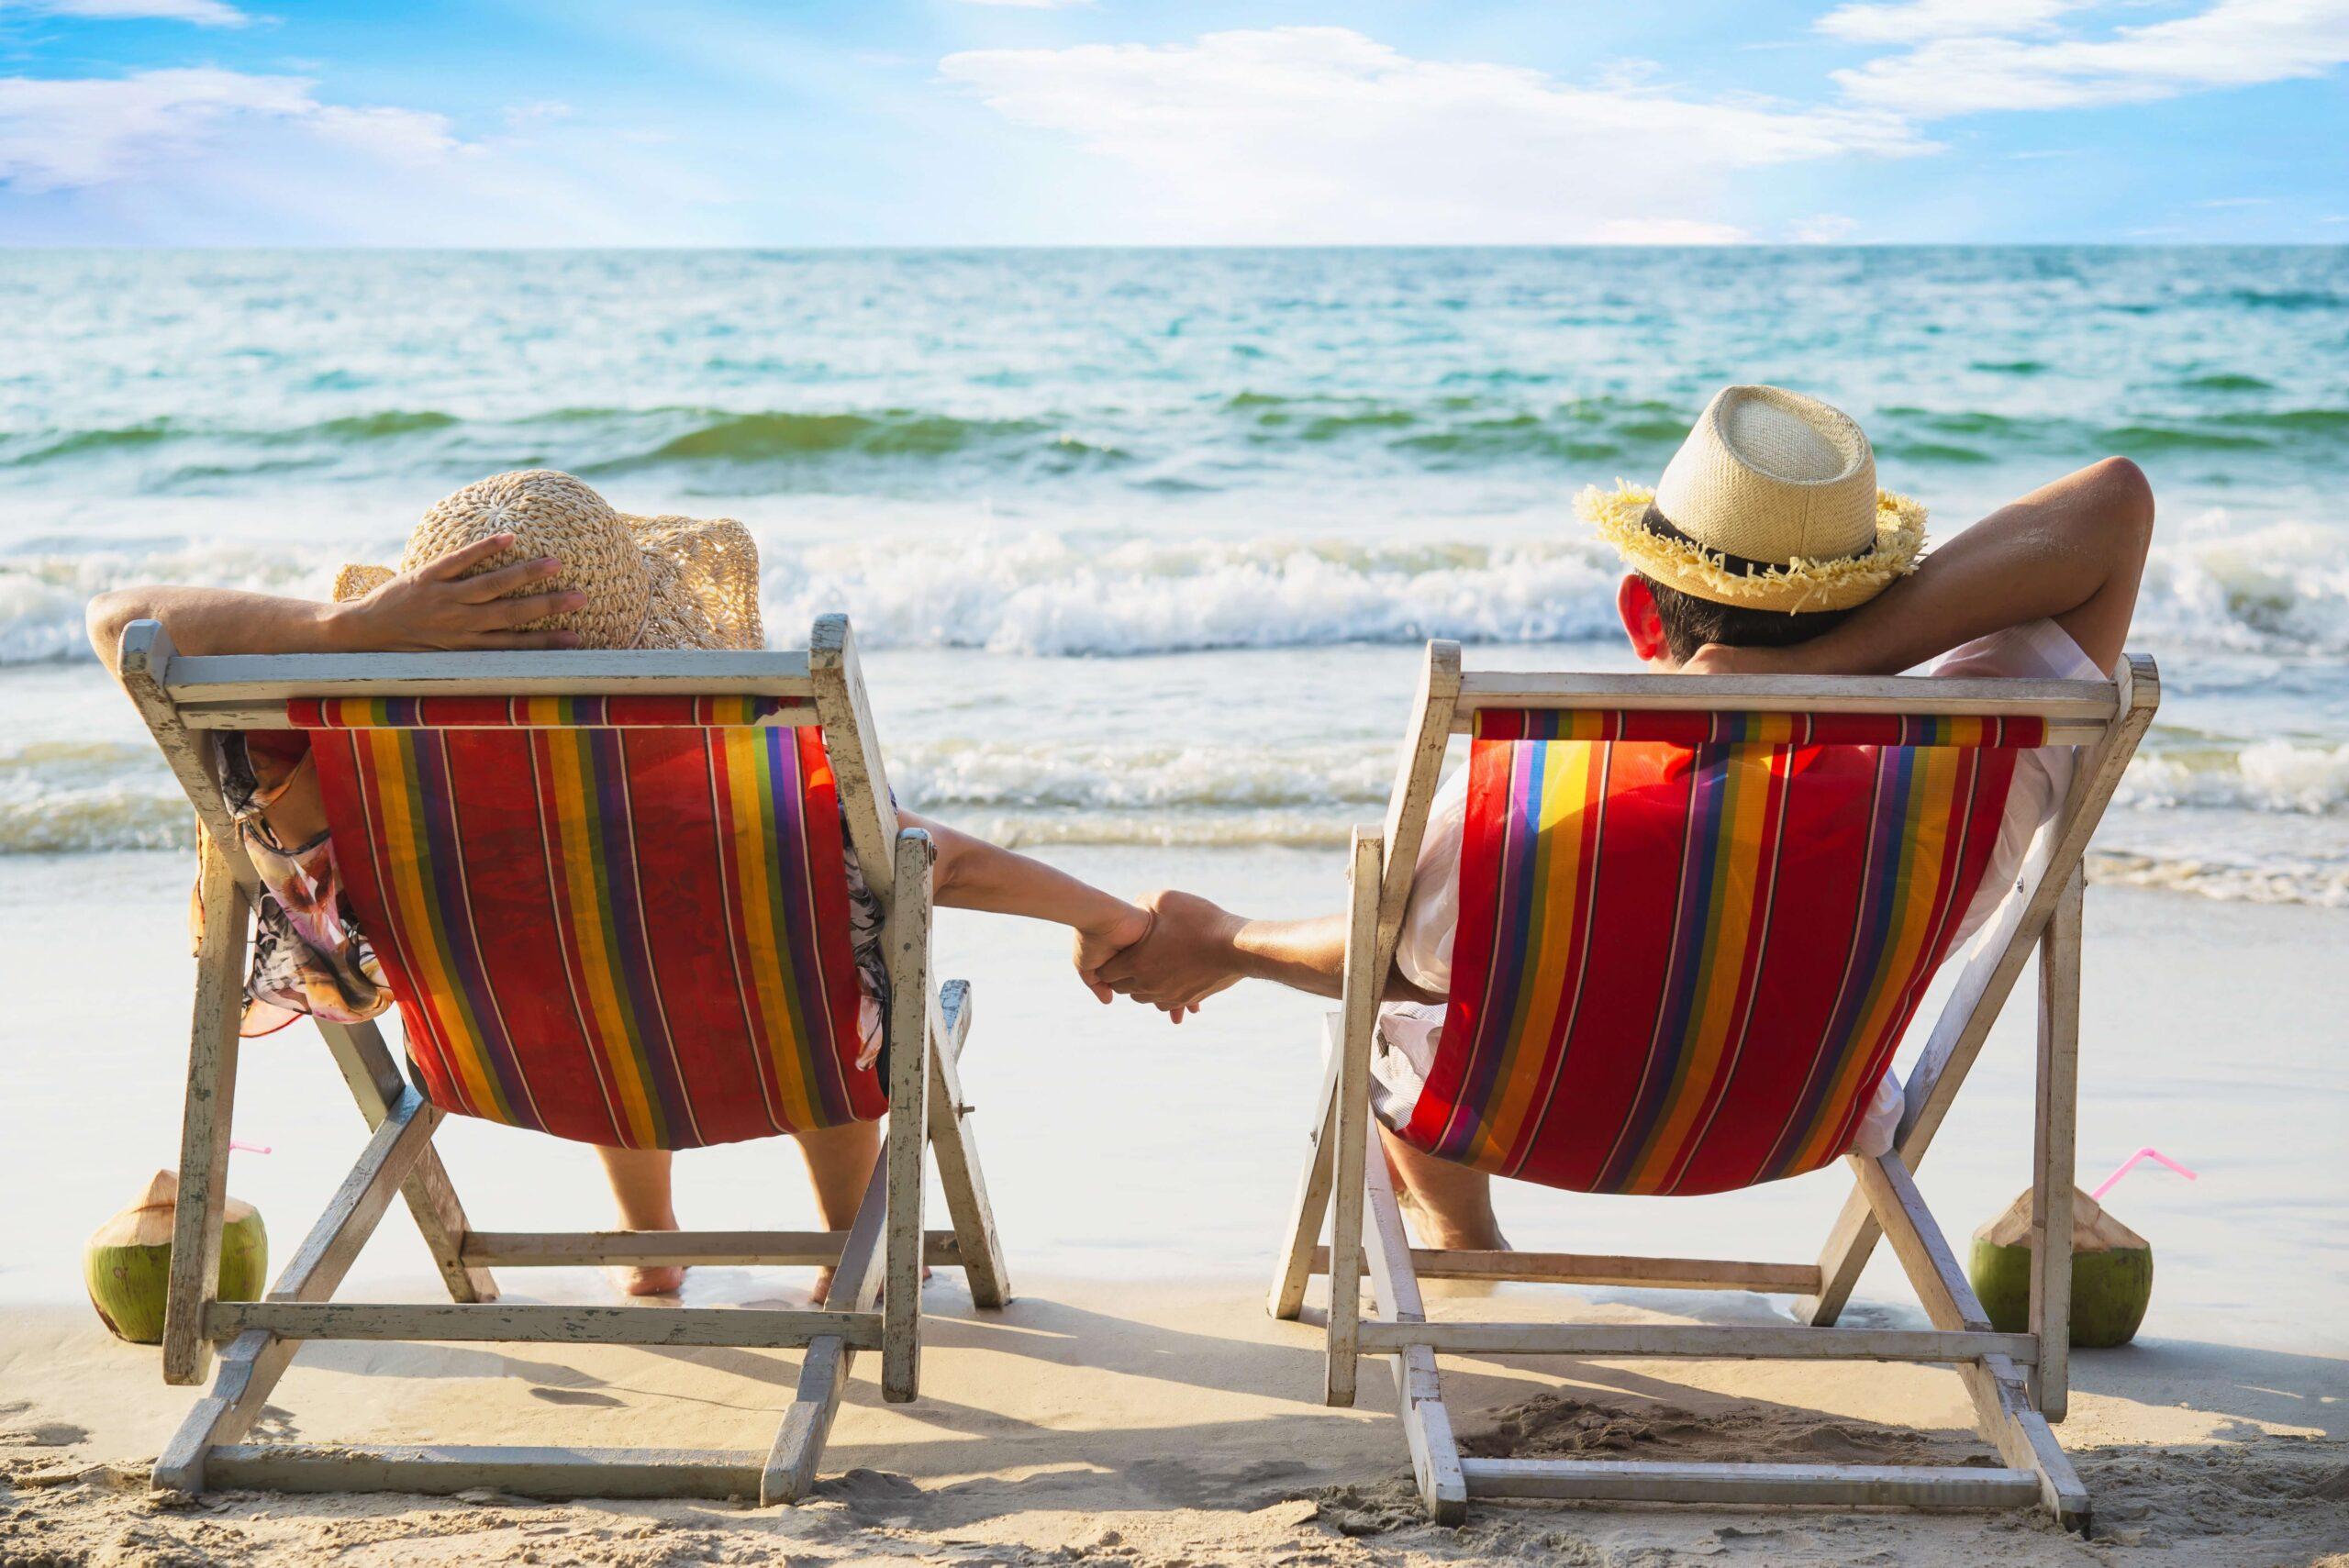 רעיונות לדייטים כיפיים בקיץ - החיים לפי שירלי - בלוג לייף סטייל והשראה